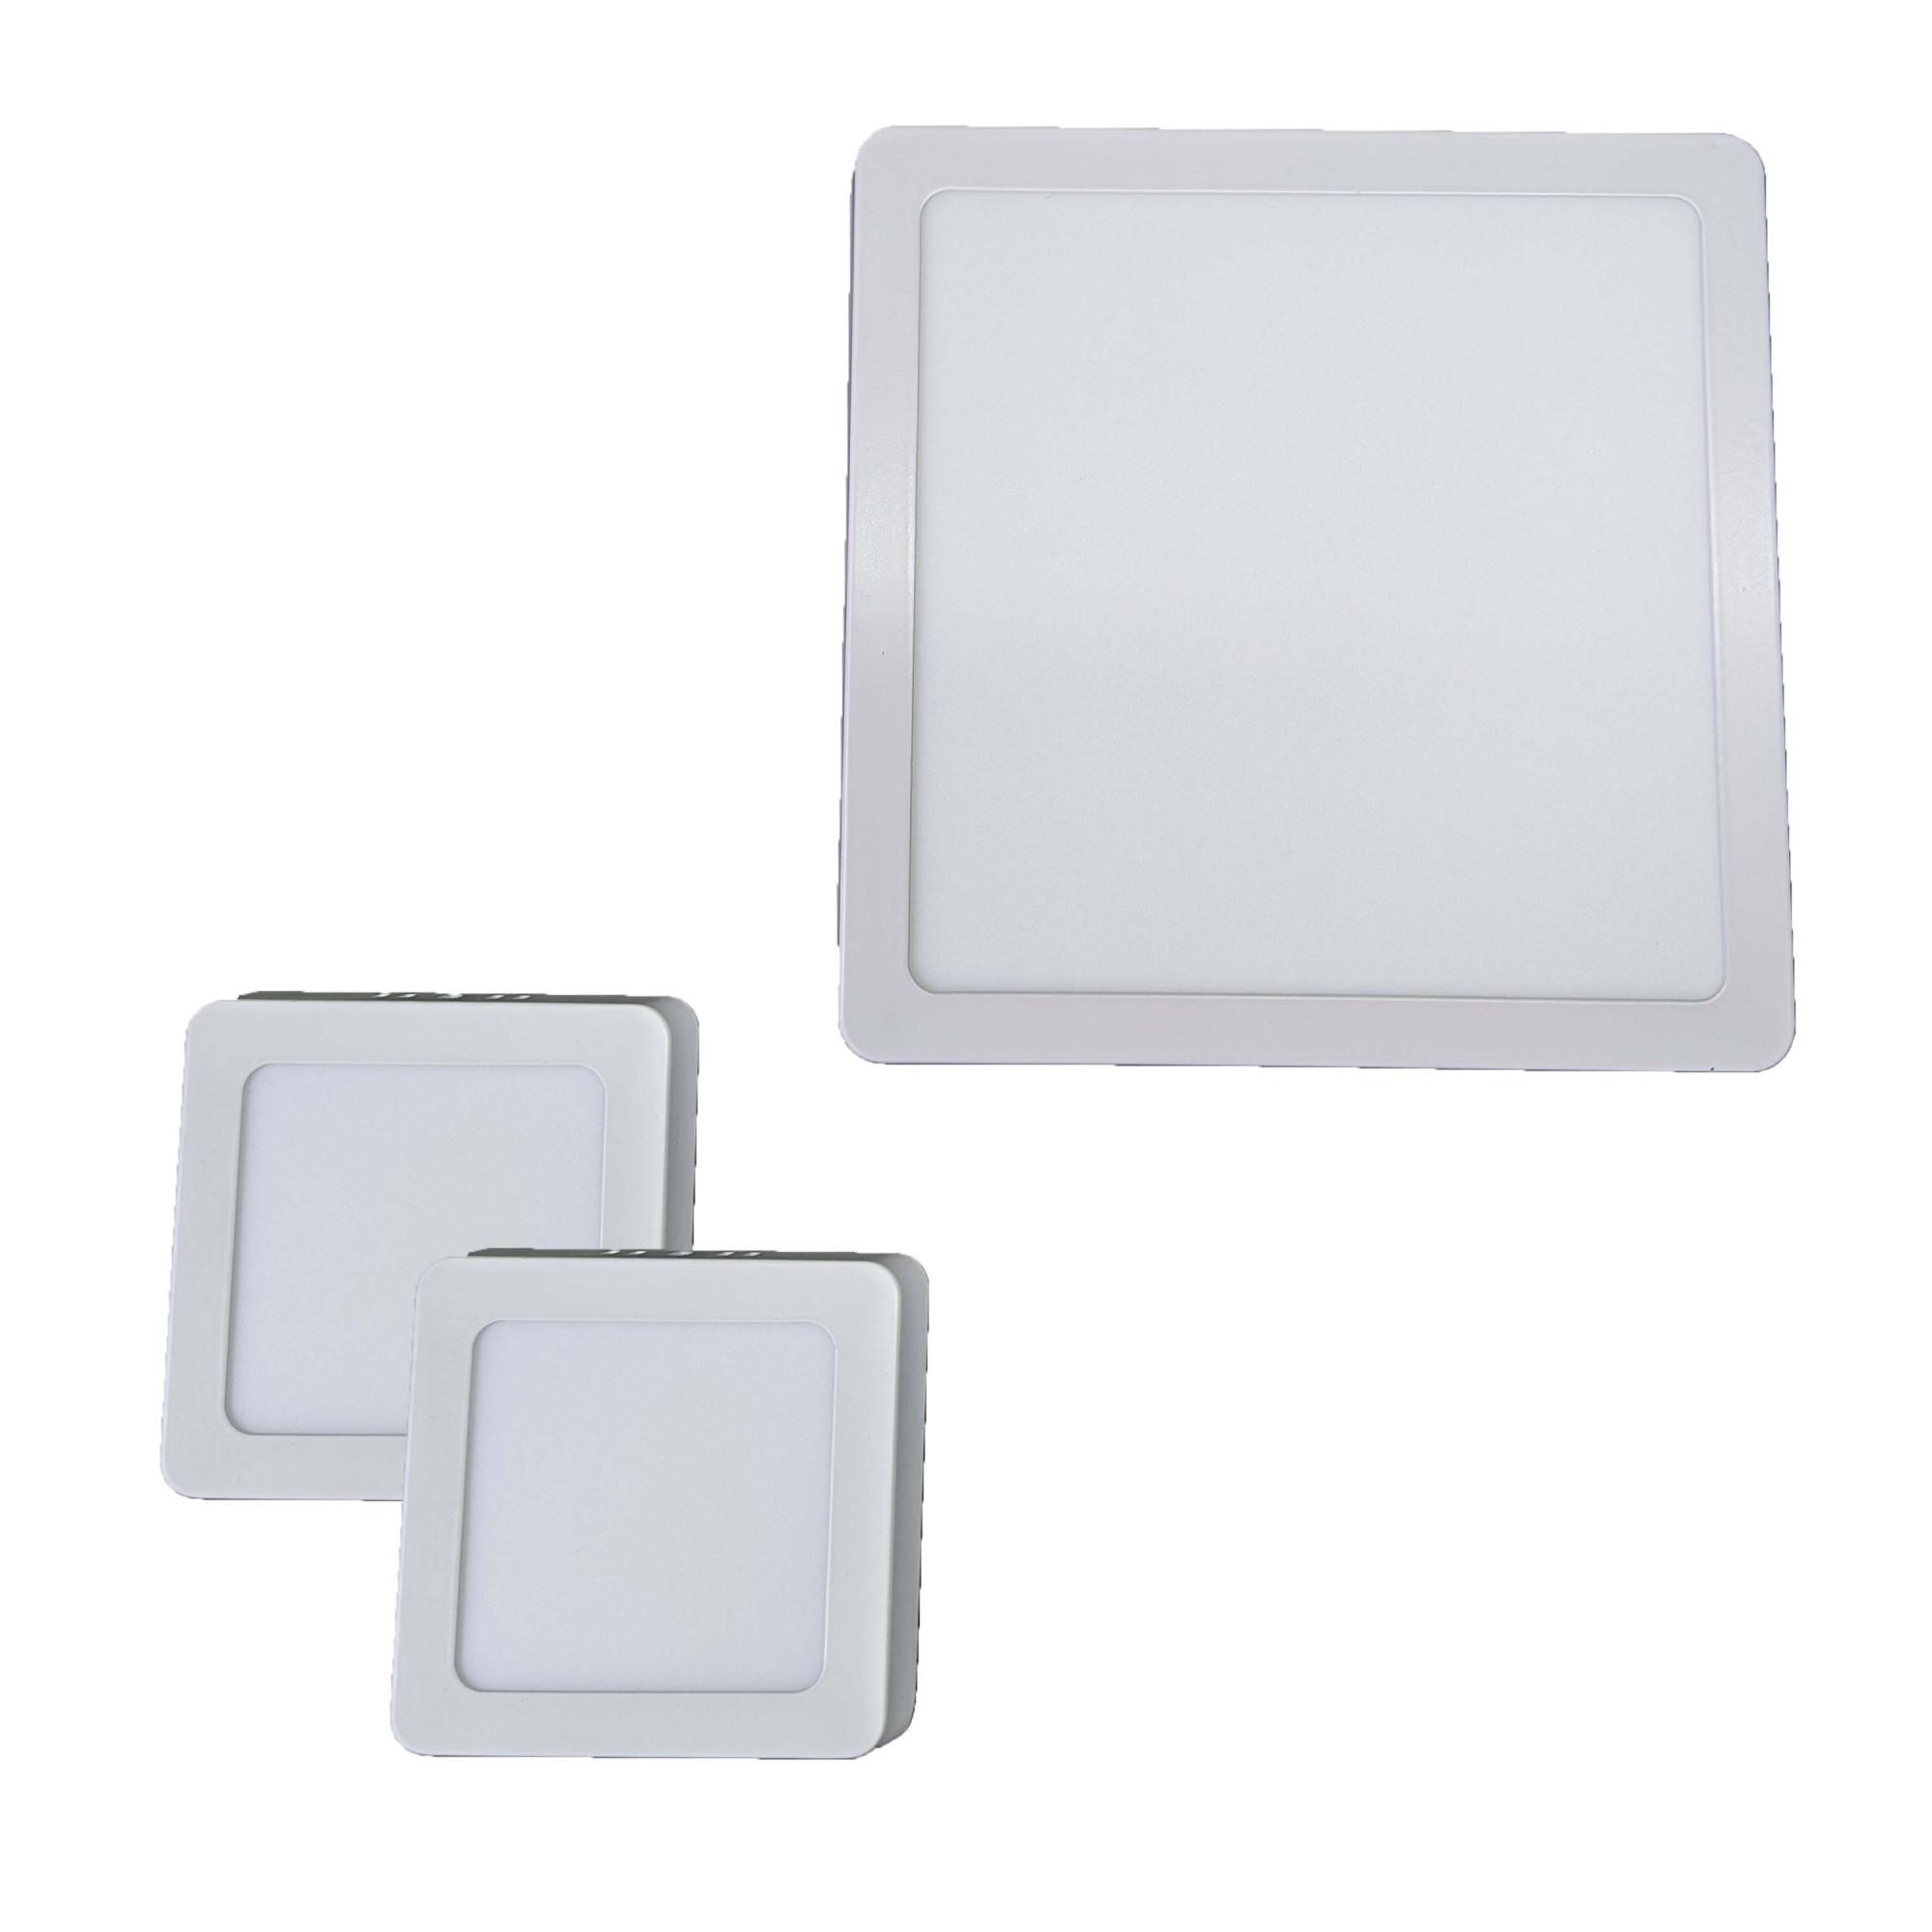 Iluminição banheiro Kit Luminárias 18W e 2 x 6W Luz Fria Sobrepor